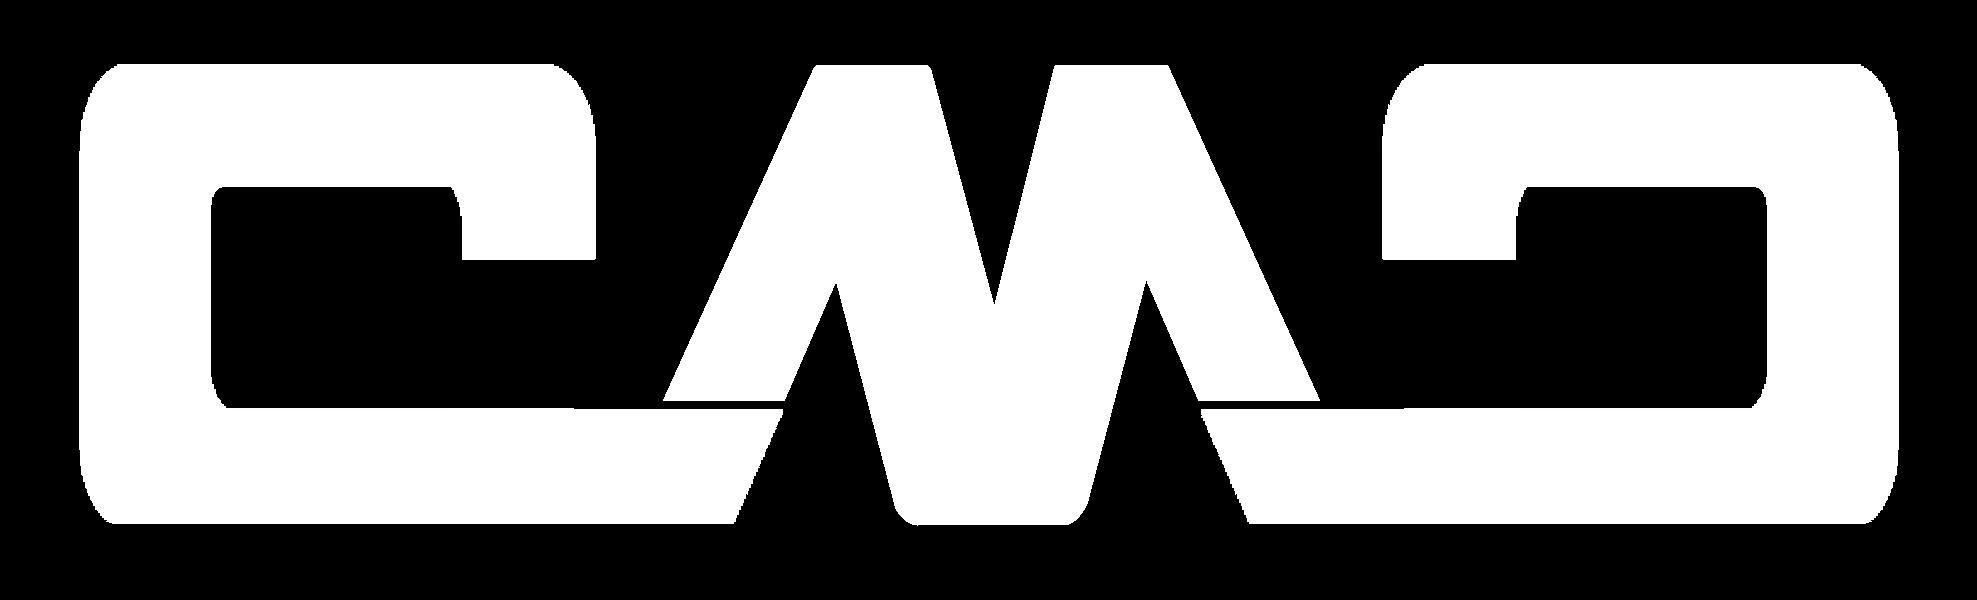 Logo Turnier CMC #3 - 3rd Sunday (GRAND FINAL)